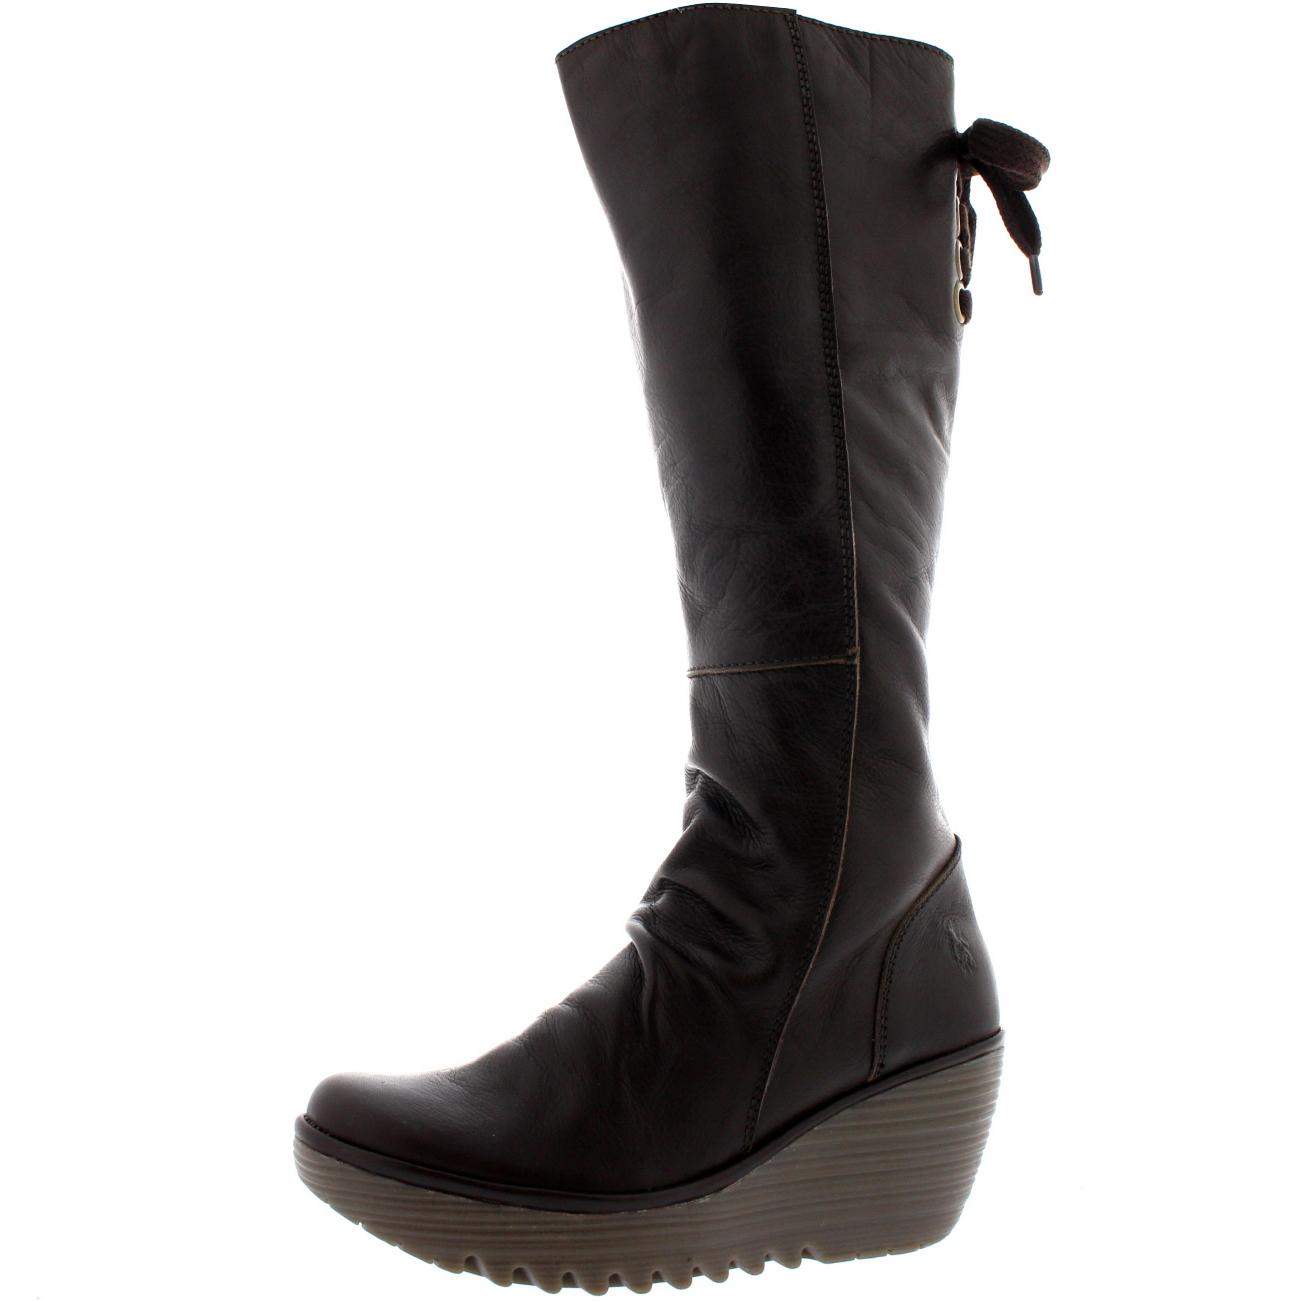 Ladies Fly London Yust Leather Winter Snow Wedge Heel Knee